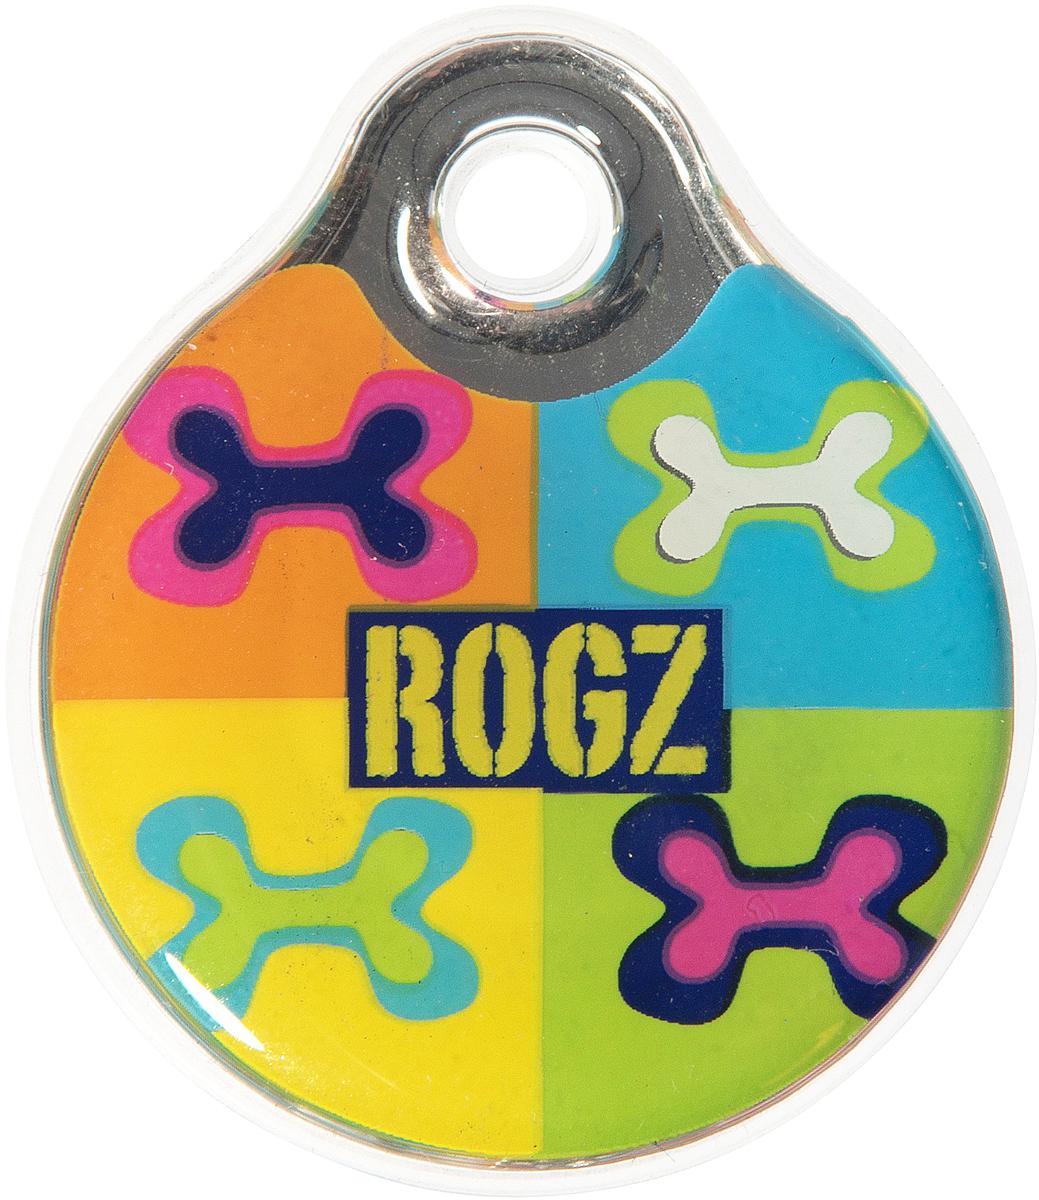 Адресник на ошейник Rogz Fancy Dress, диаметр 2,7 см. IDR27BWIDR27BWАдресник на ошейник Rogz Fancy Dress мгновенно готов к использованию.Не требует специальной гравировки. Вся информация может быть записана хозяином сразу после покупки.Защита от коррозии.Дизайн адресника создан таким образом, чтобы дополнить рисунок и расцветку аксессуаров коллекции Fancy Dress.Бесшумность. Не гремит при движении собаки.